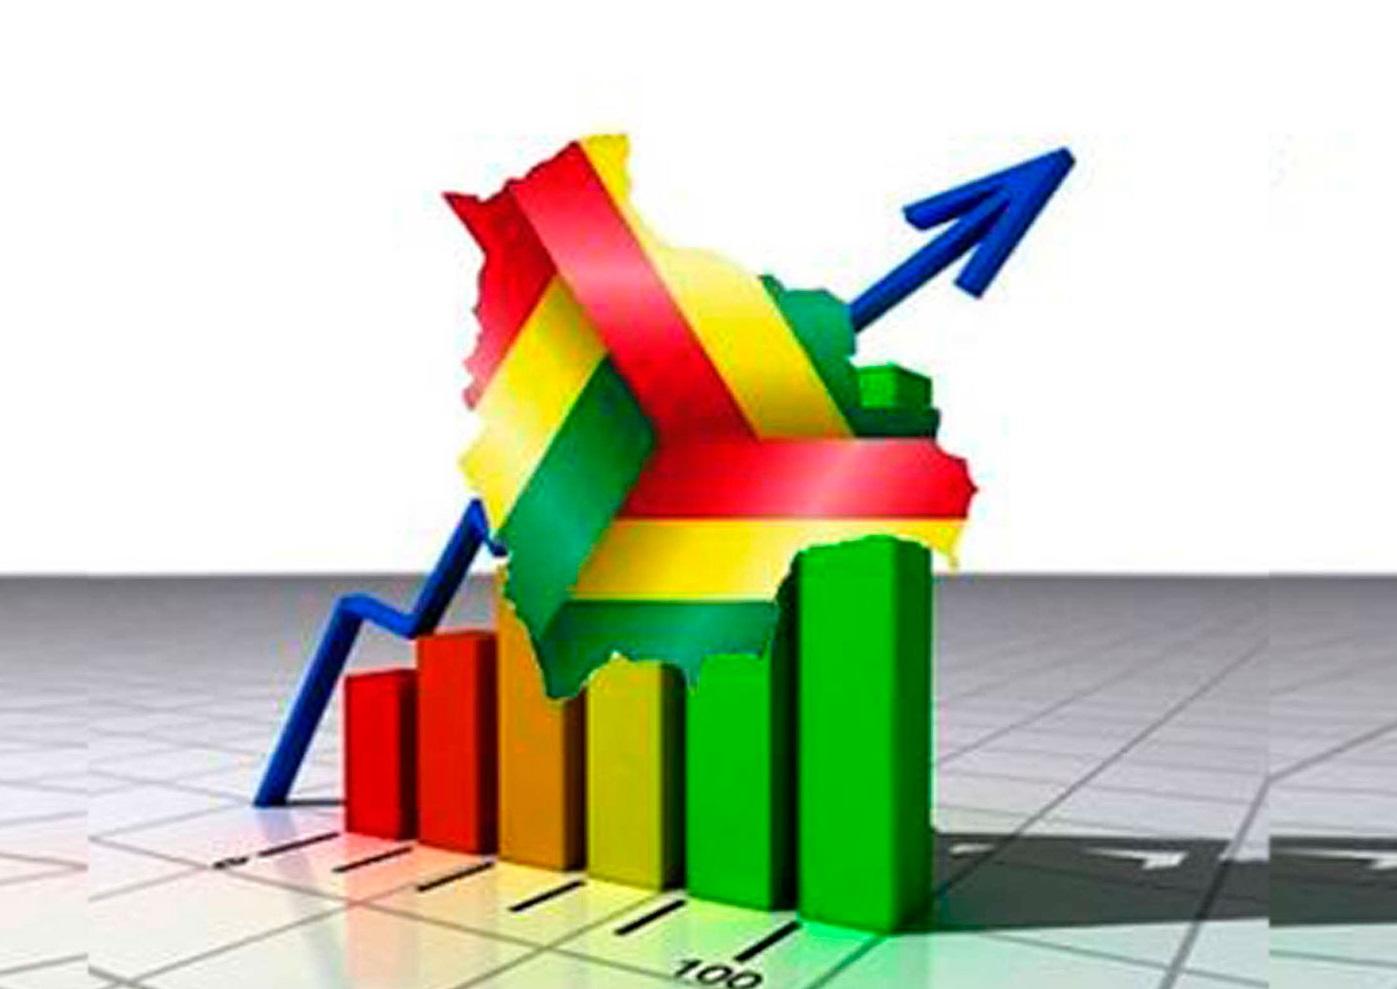 bolivia superavit - Bolivia: Banco Central realiza sondeo y pronostica crecimiento del PBI en 4,35%